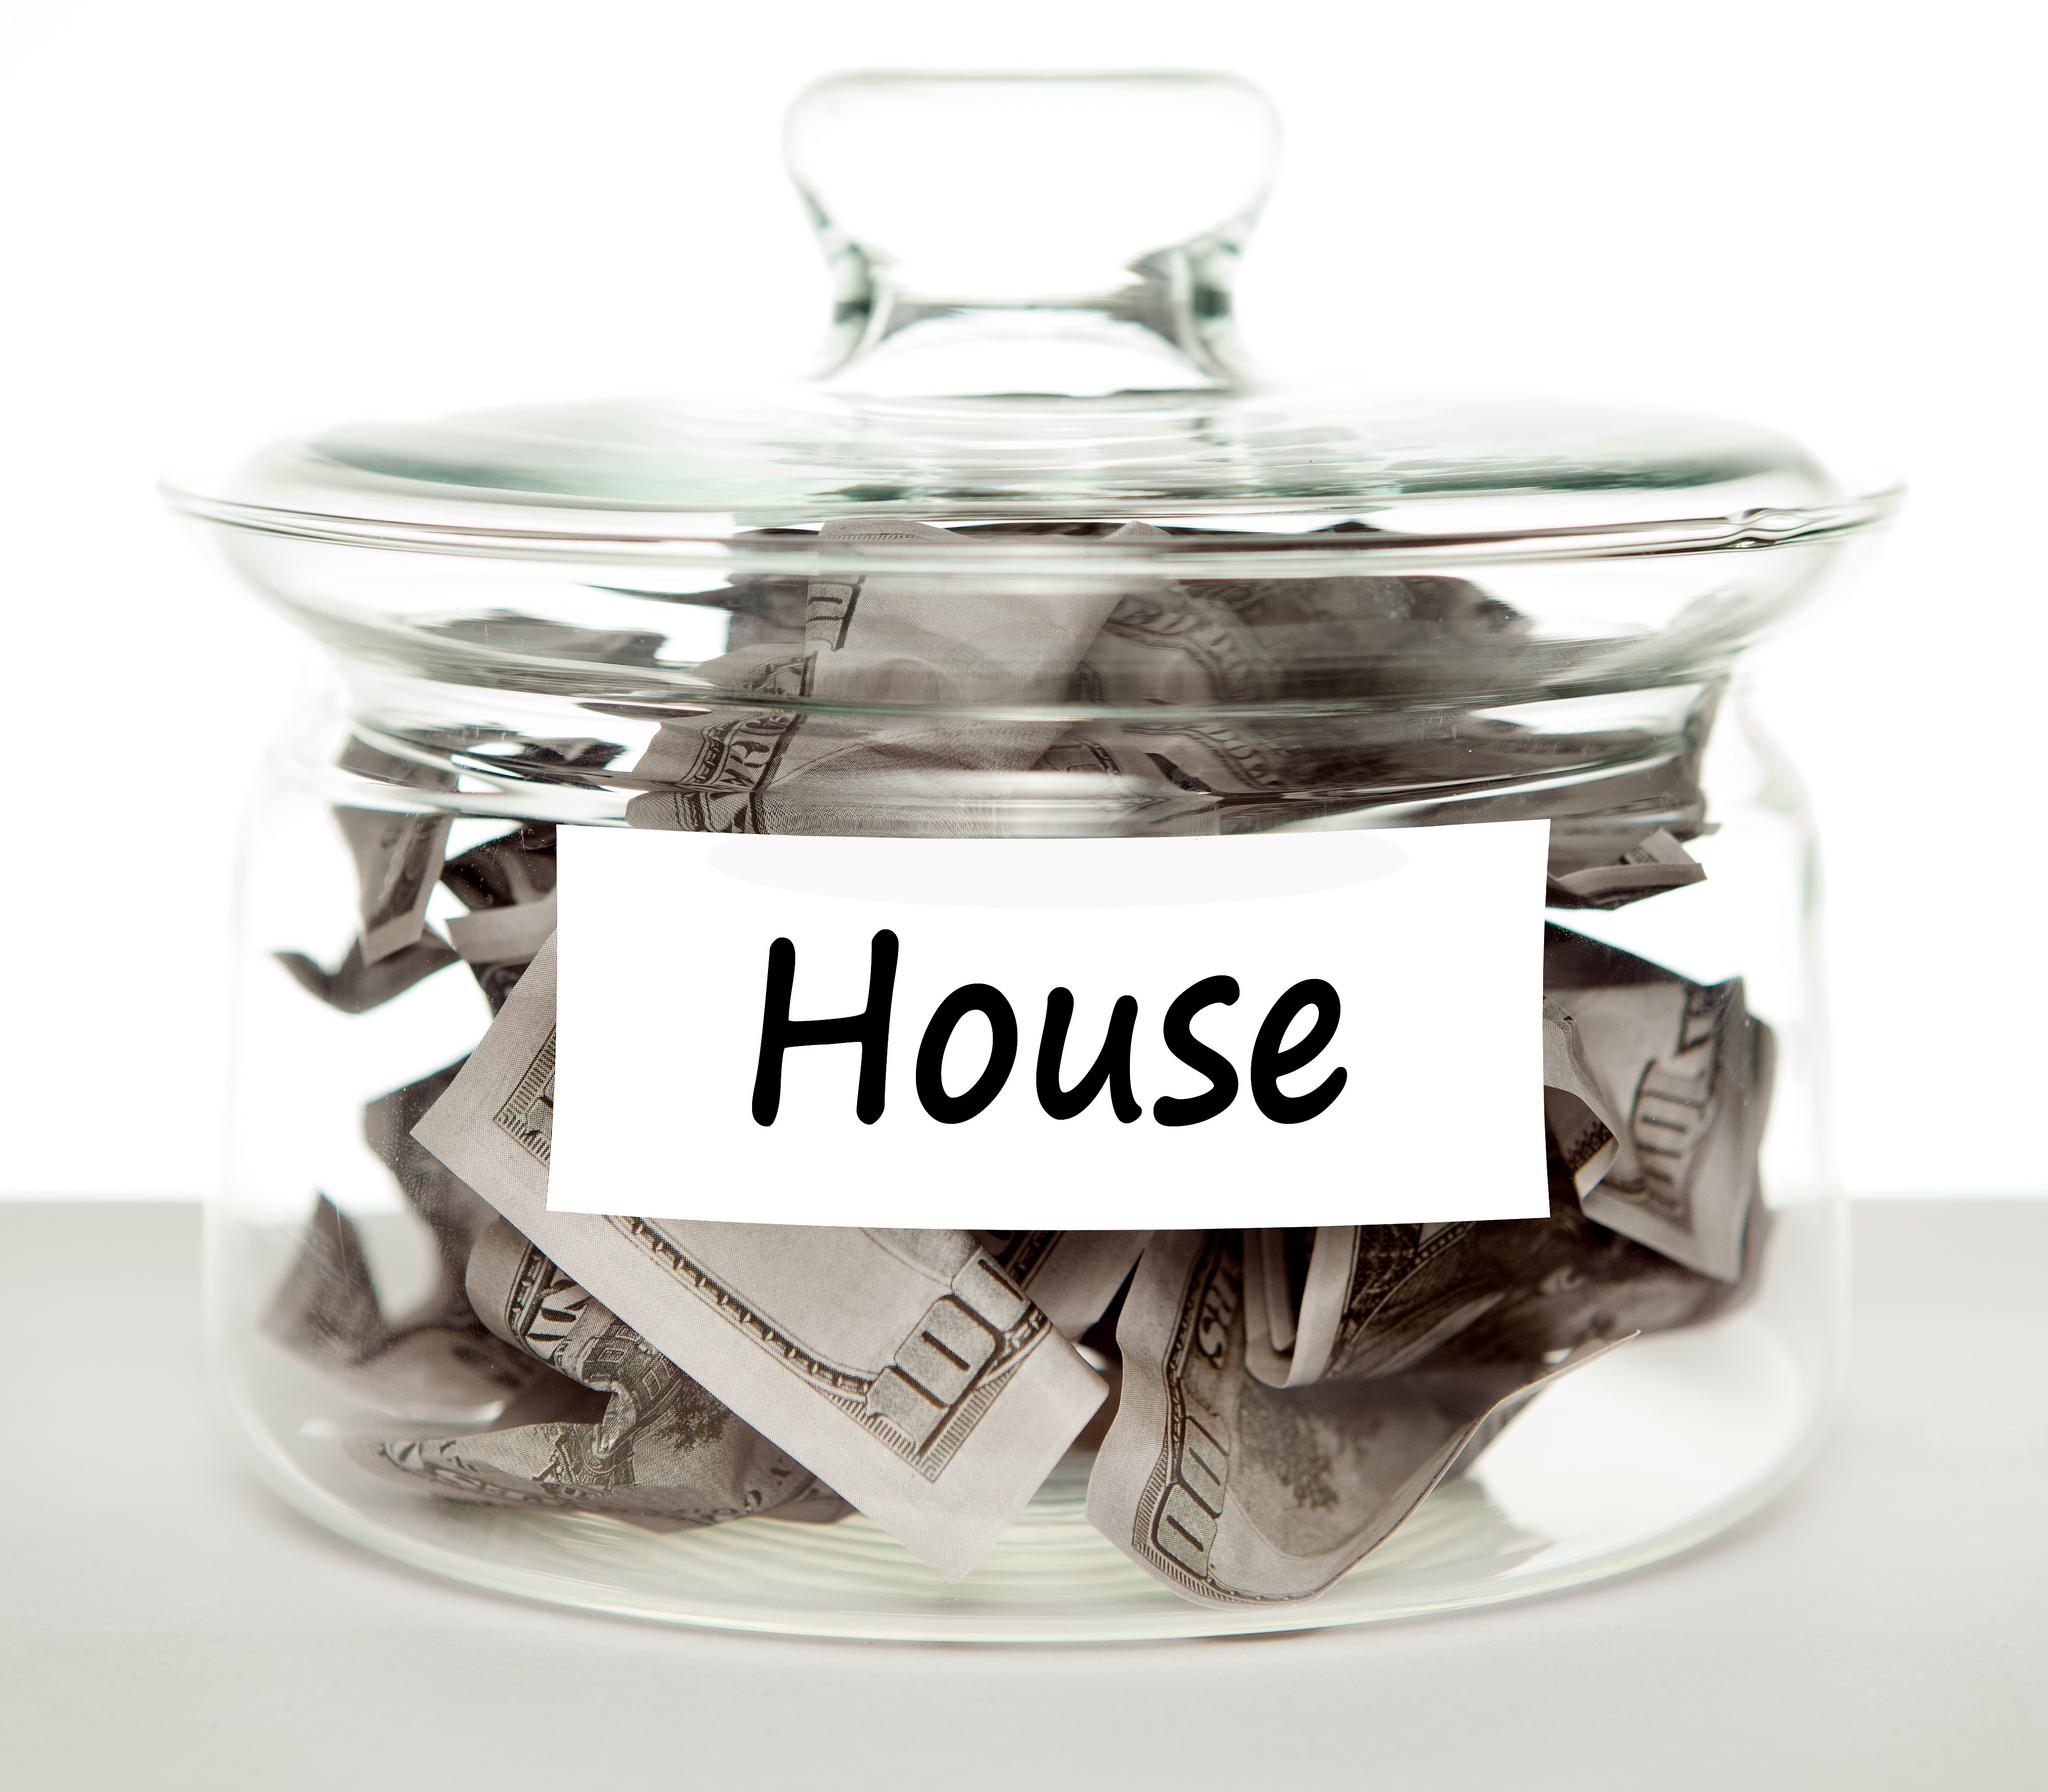 Mieszkańcy Wielkiej Brytanii będą musieli oszczędzać na nowy dom nawet ponad sto lat